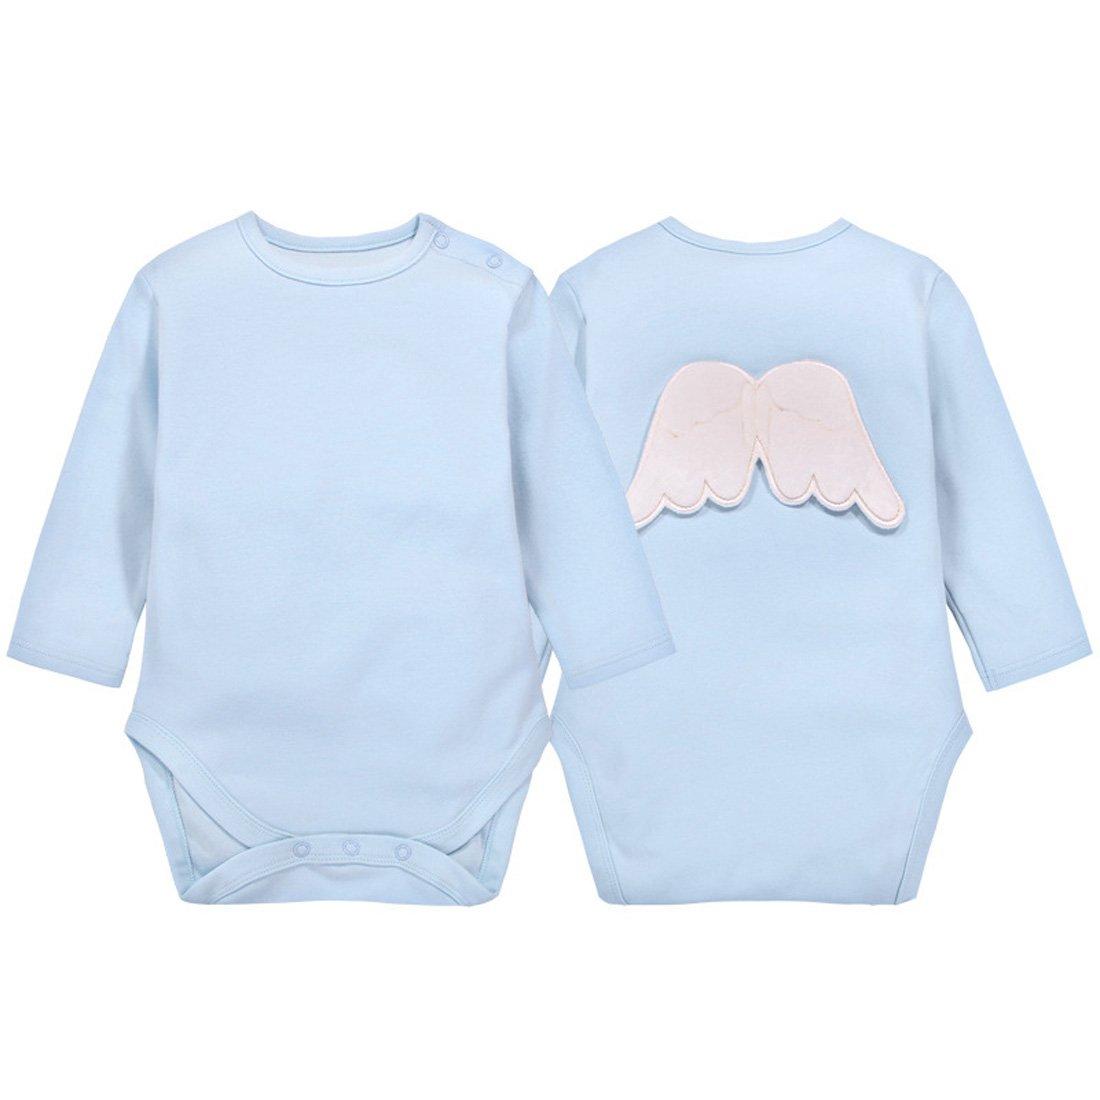 Non Fluorescente Casa Body da Neonato Bimbi in Cotone per Unisex Infantile Onesie Pagliaccetto Manica Lunga con Ali da 0 a 24 Mesi